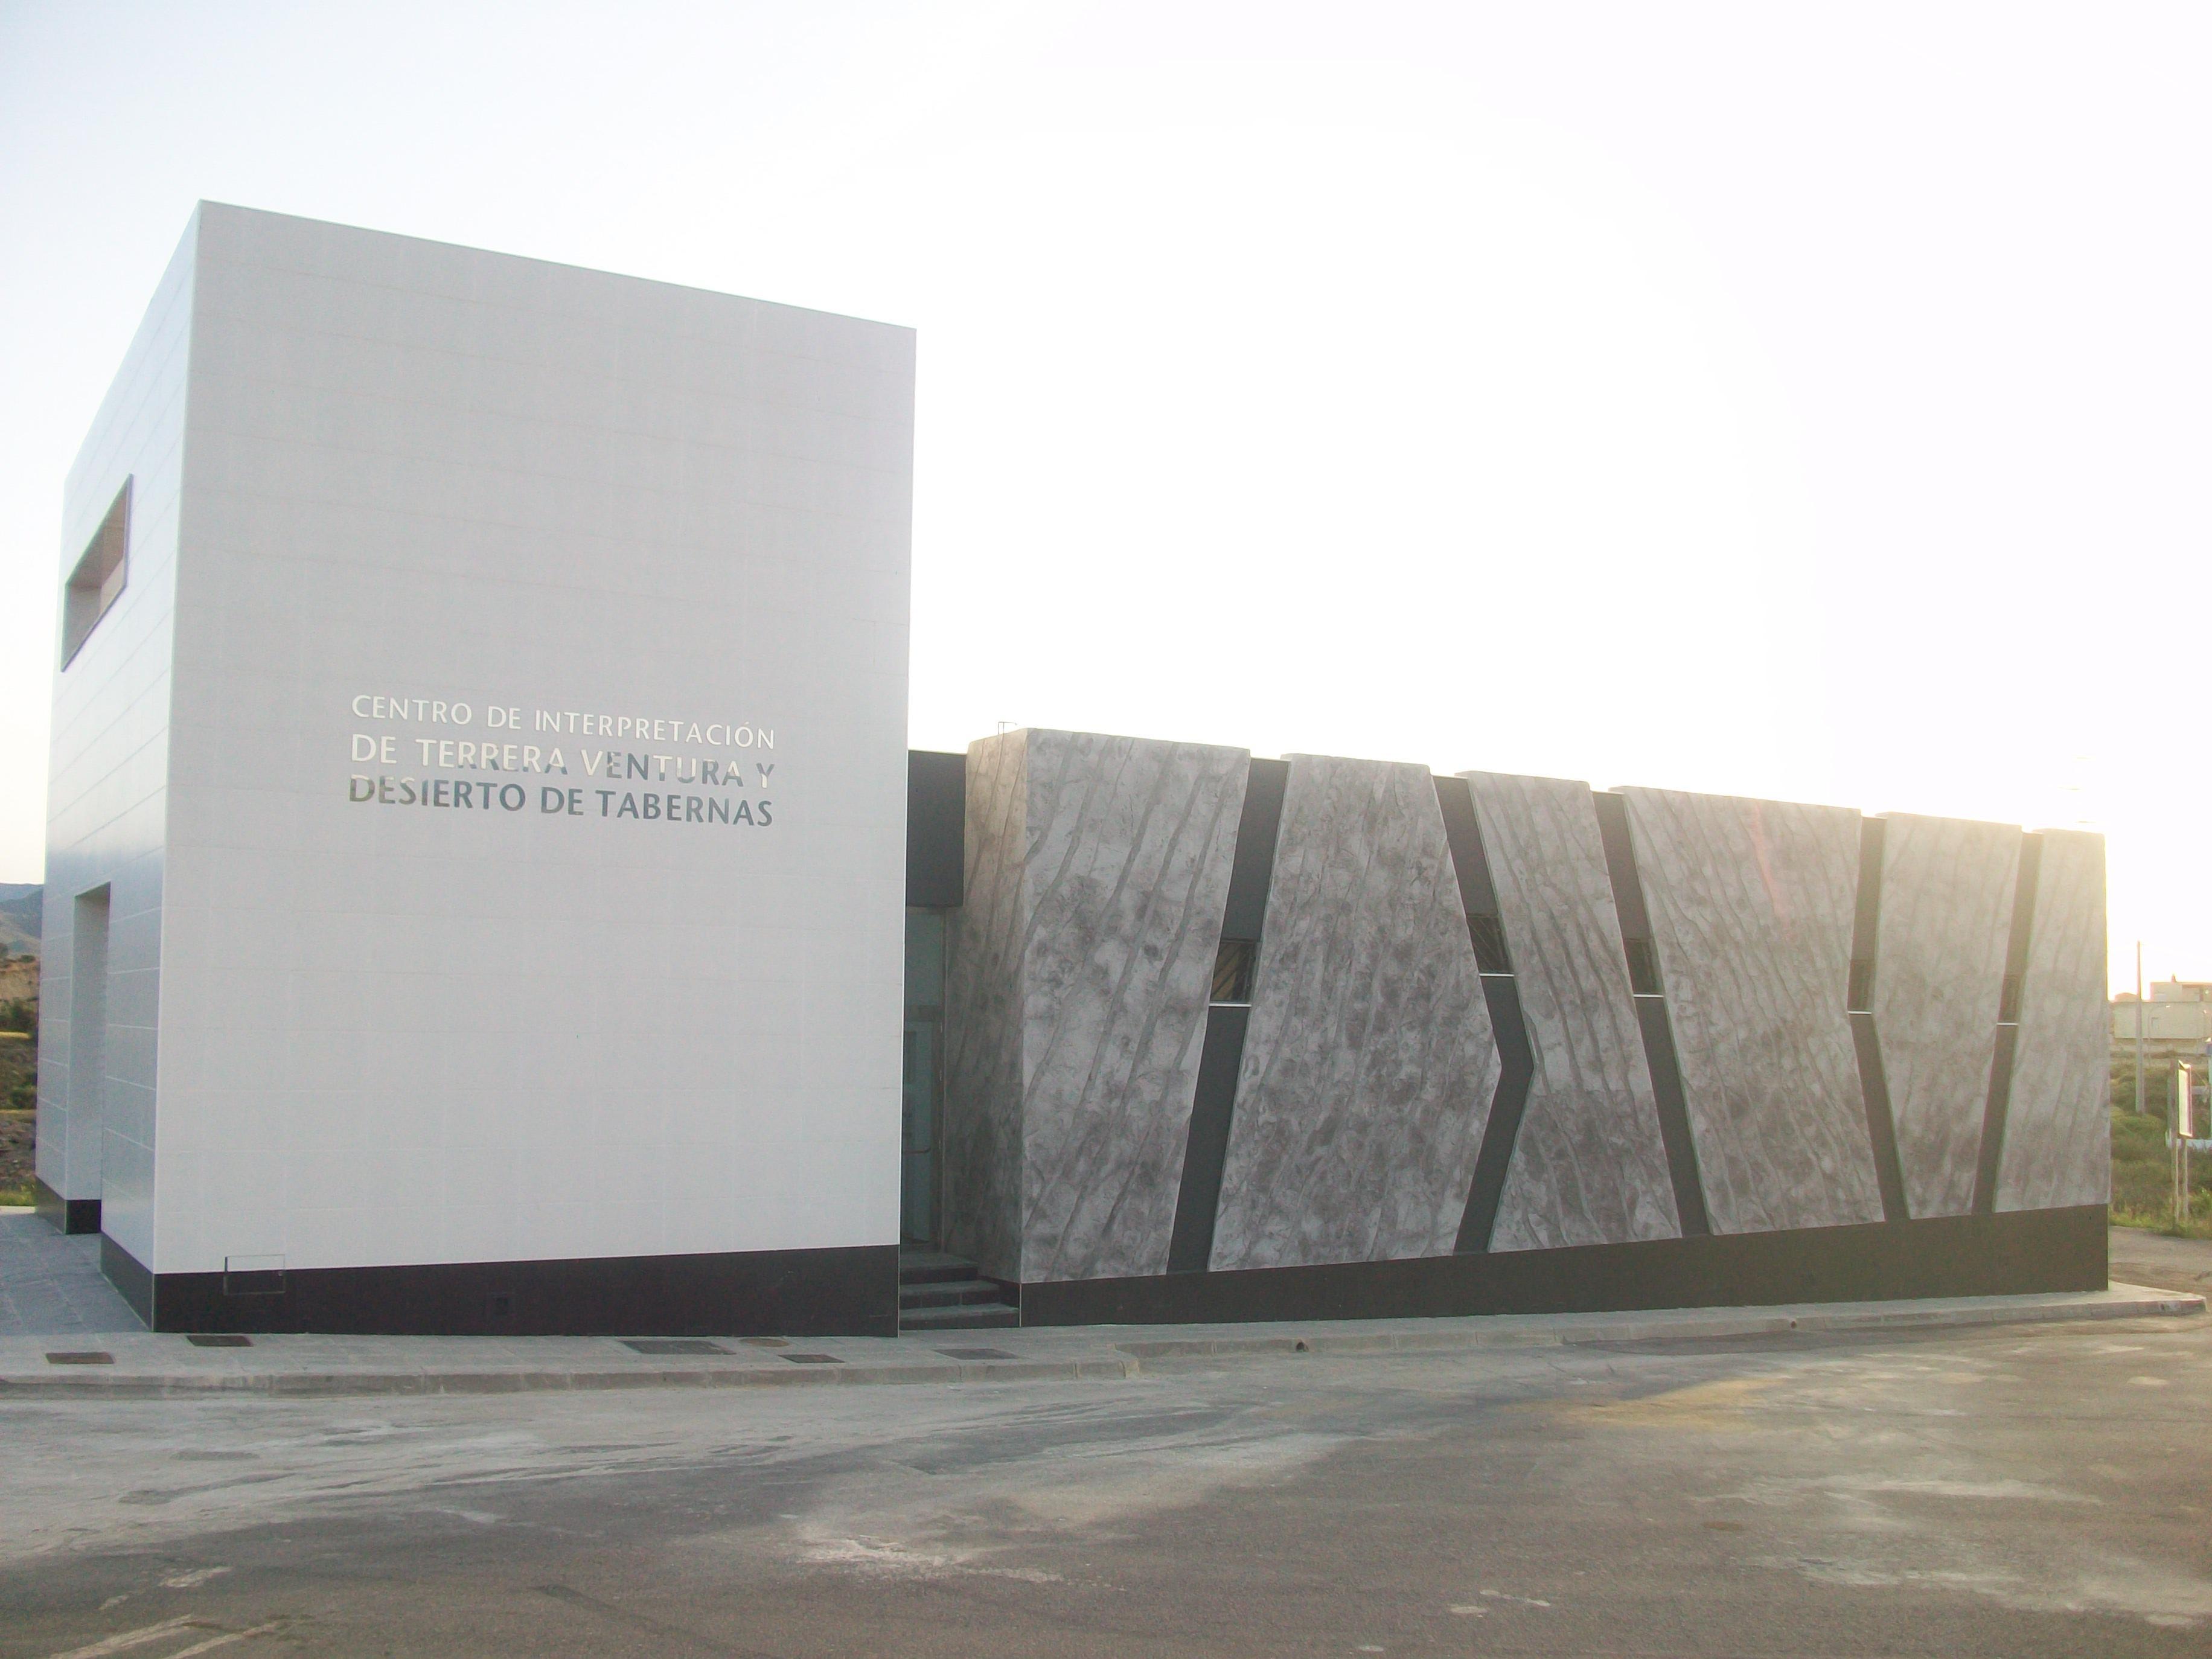 Centro de Interpretación Terrera Ventura y Desierto de Tabernas